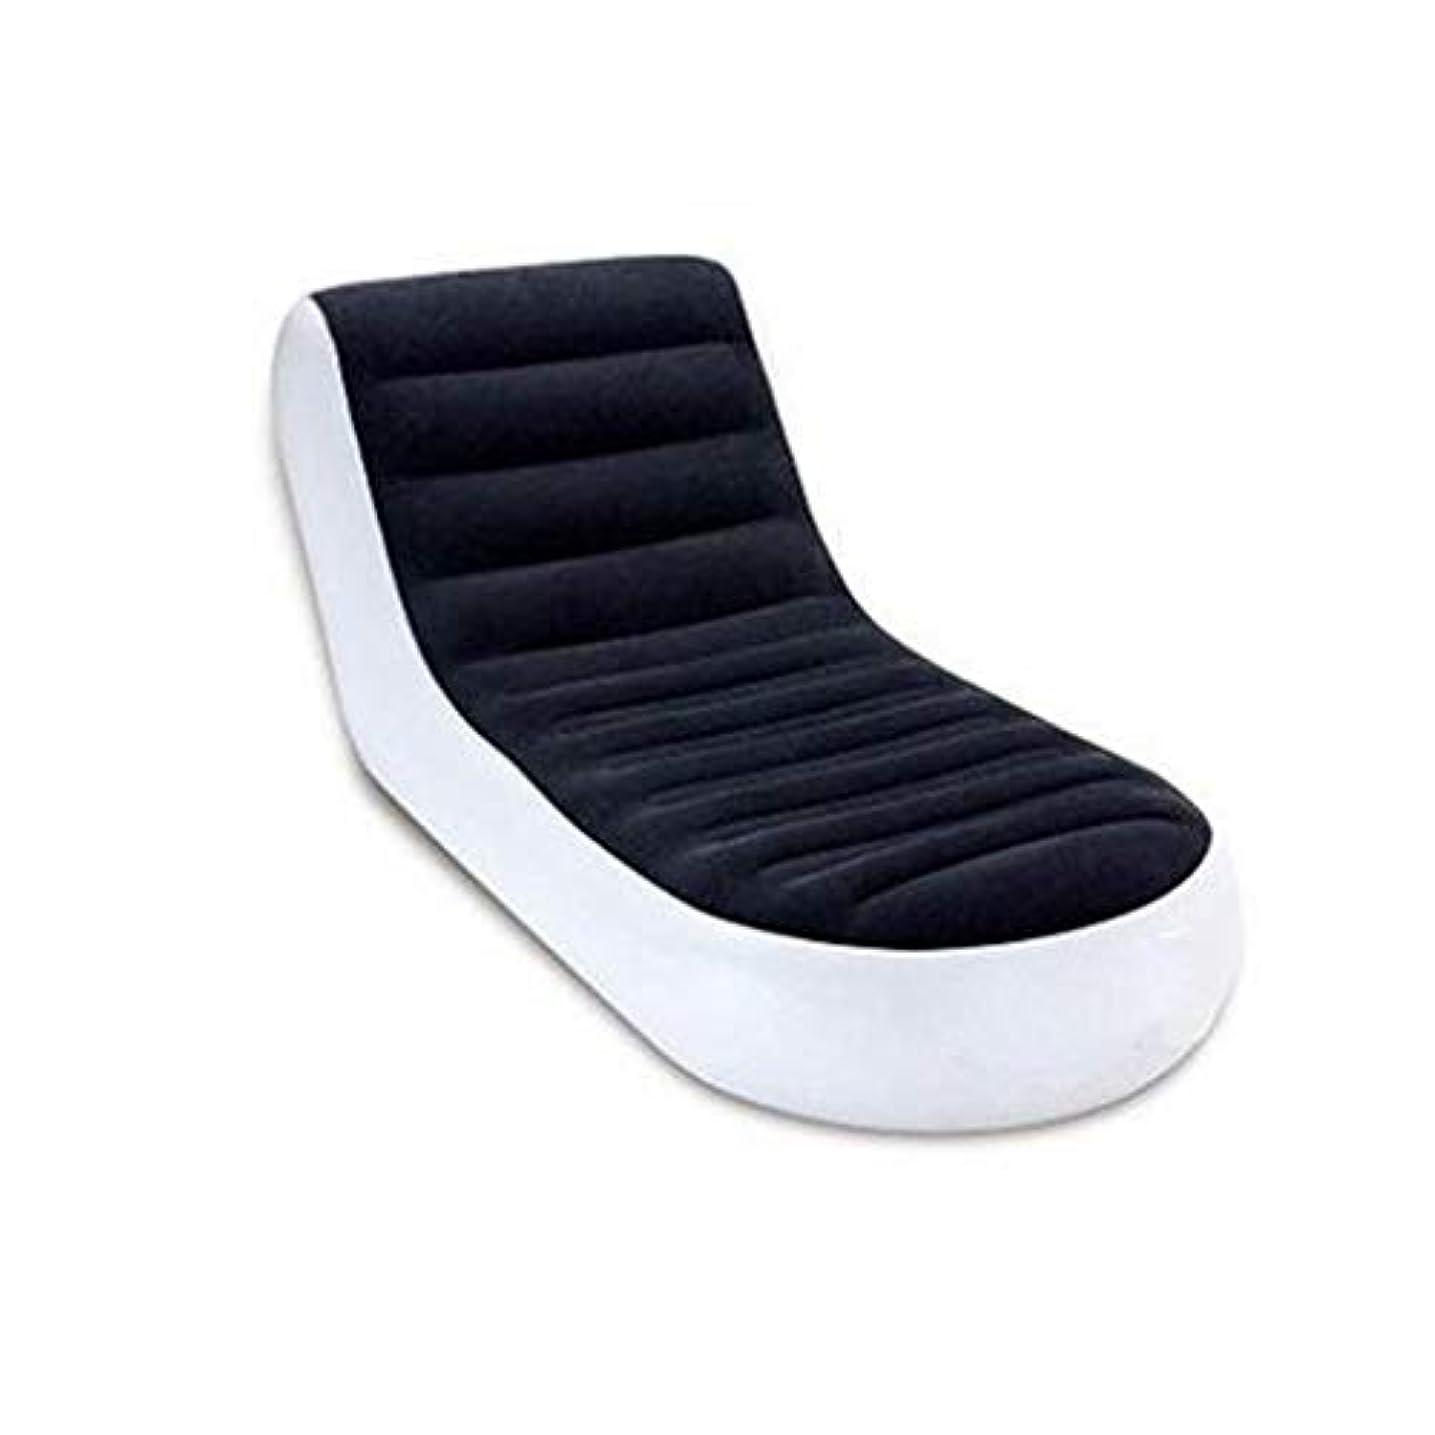 隠された吸収する怒ってNuoEn 膨脹可能なリクライニングチェアの空気ソファー、携帯用防水膨脹可能なソファーの極度の耐久の膨脹可能なベッド - 旅行、ハイキング、浜および中庭